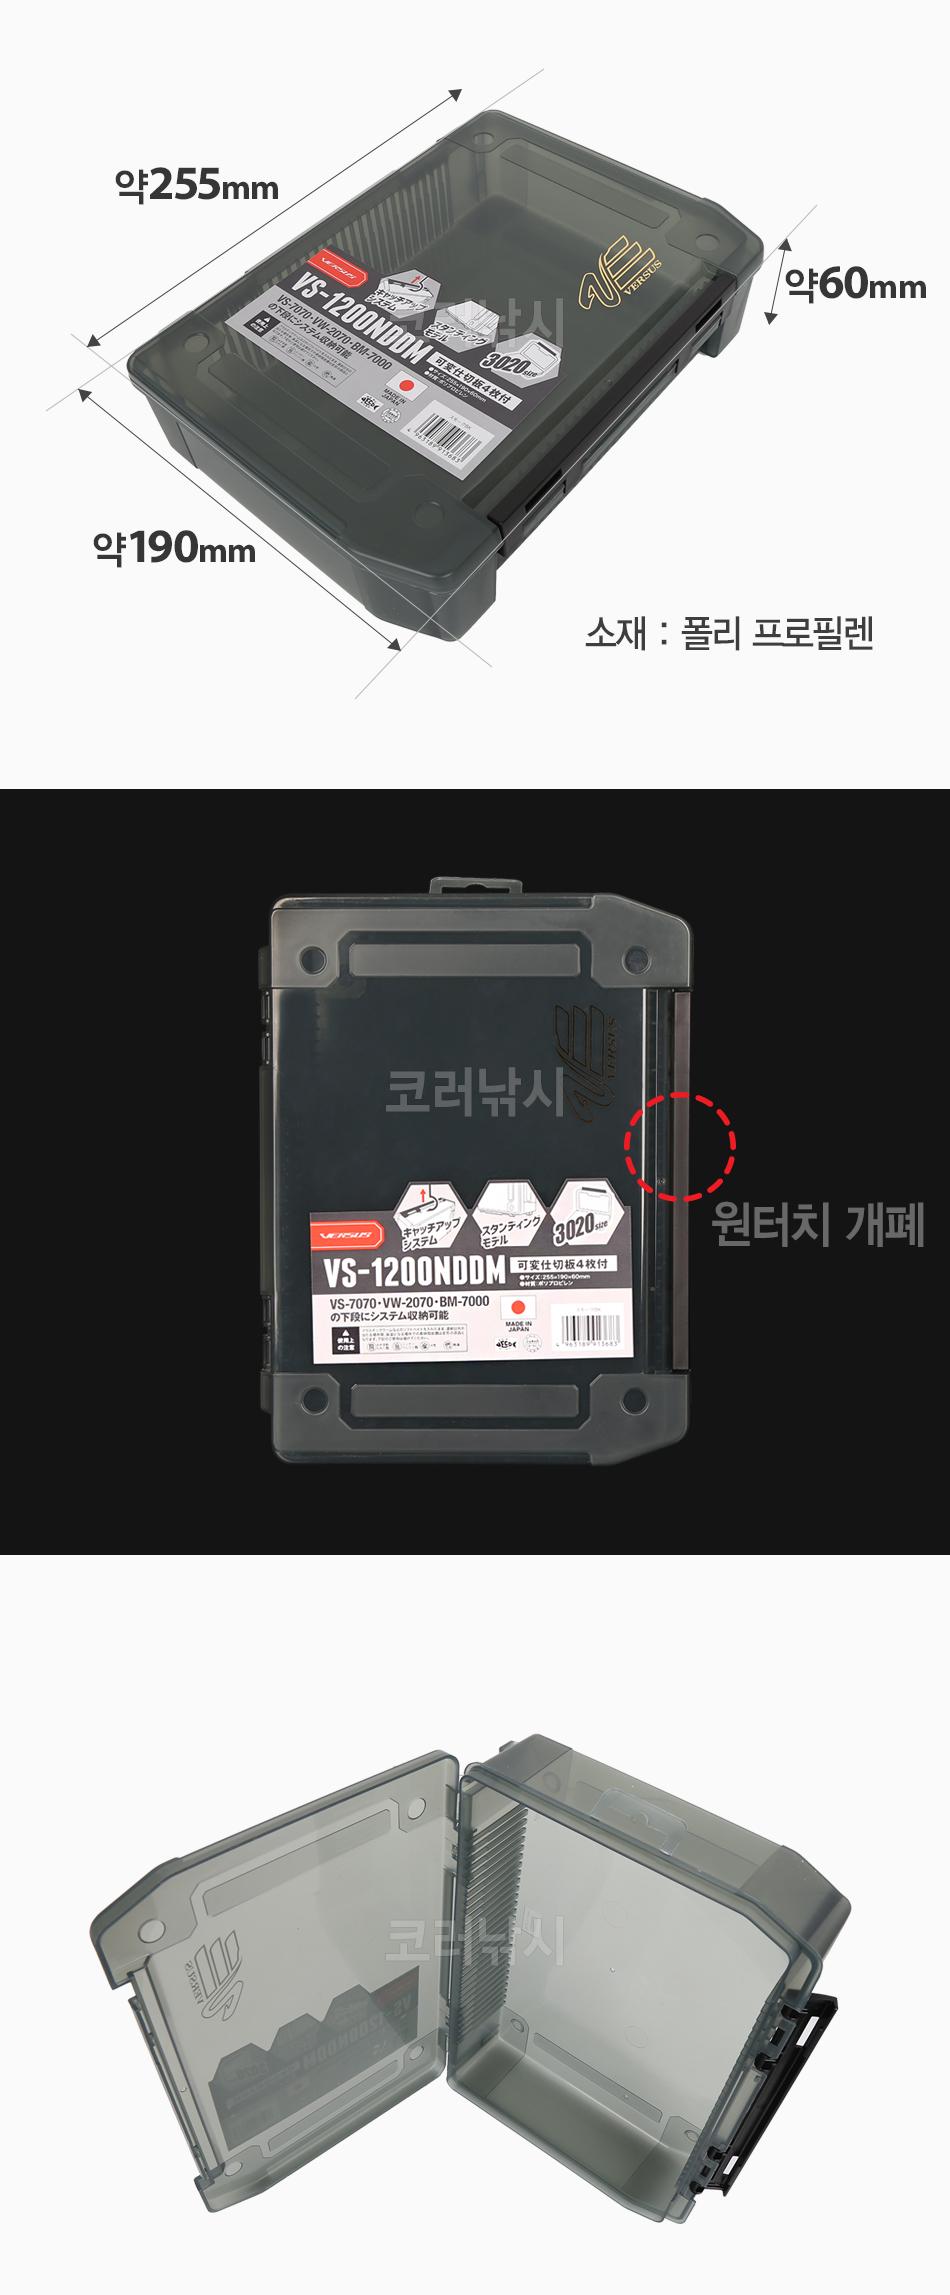 메이호 VS-1200NDDM 시스템태클박스 중형태클박스 VS-7070 VS-2070 BM-7000 3020